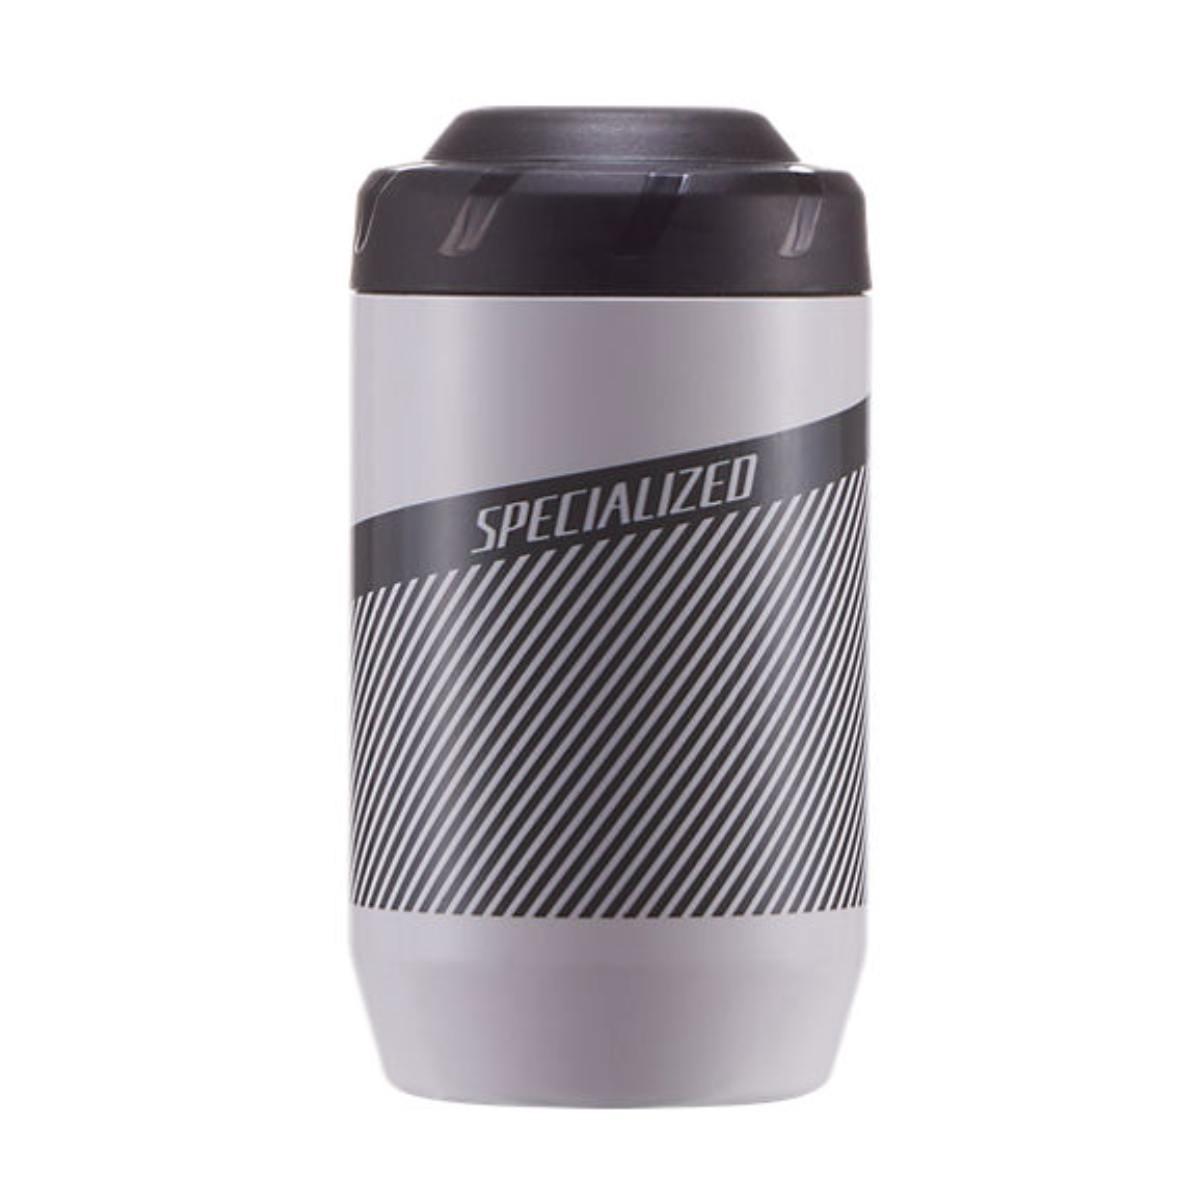 bouteille-de-rangement-specialized-keg-blanc